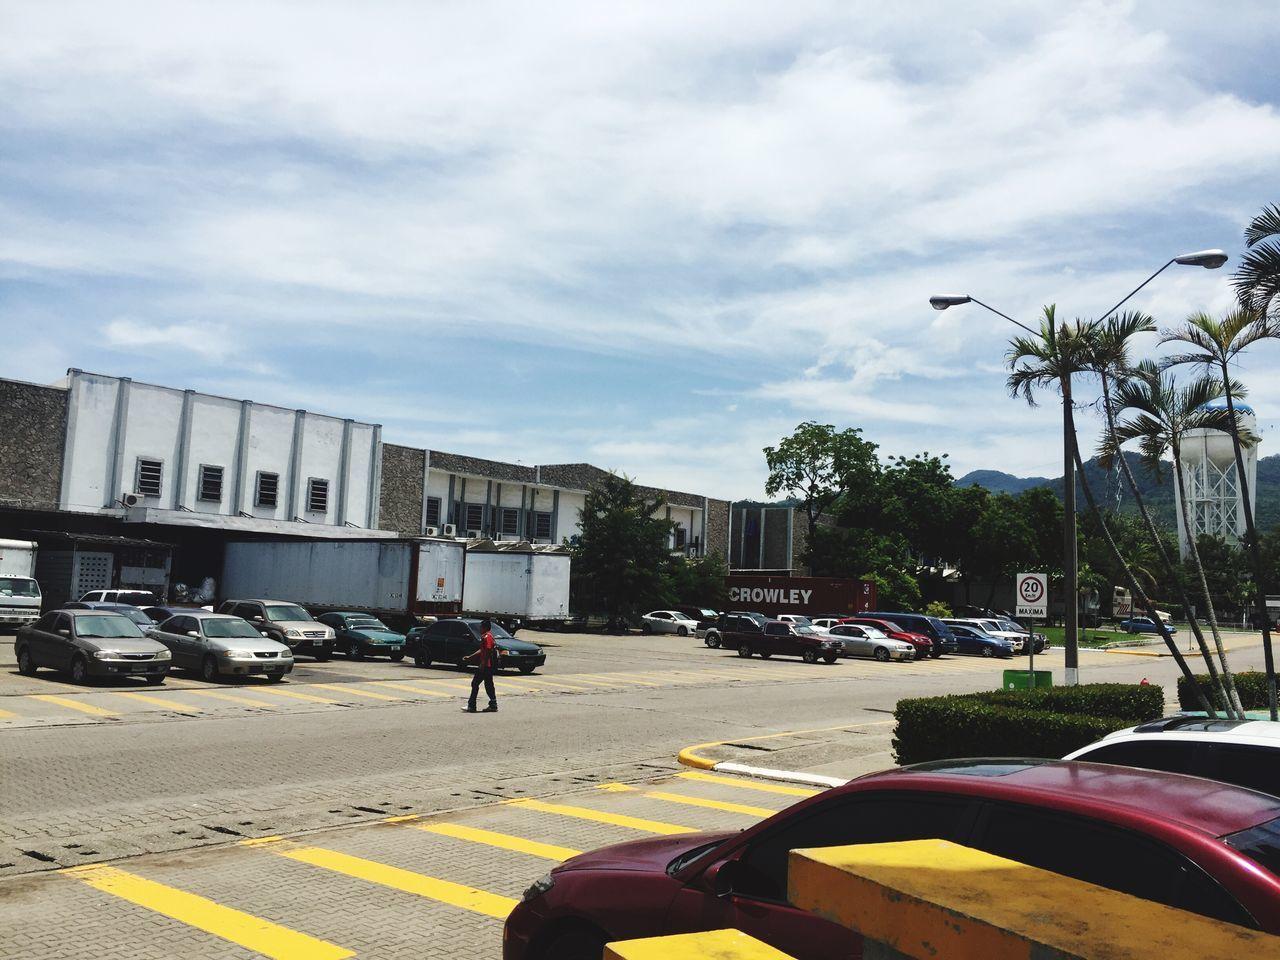 Maquiladora, Parqueindustrial Parquelaboral Empresa